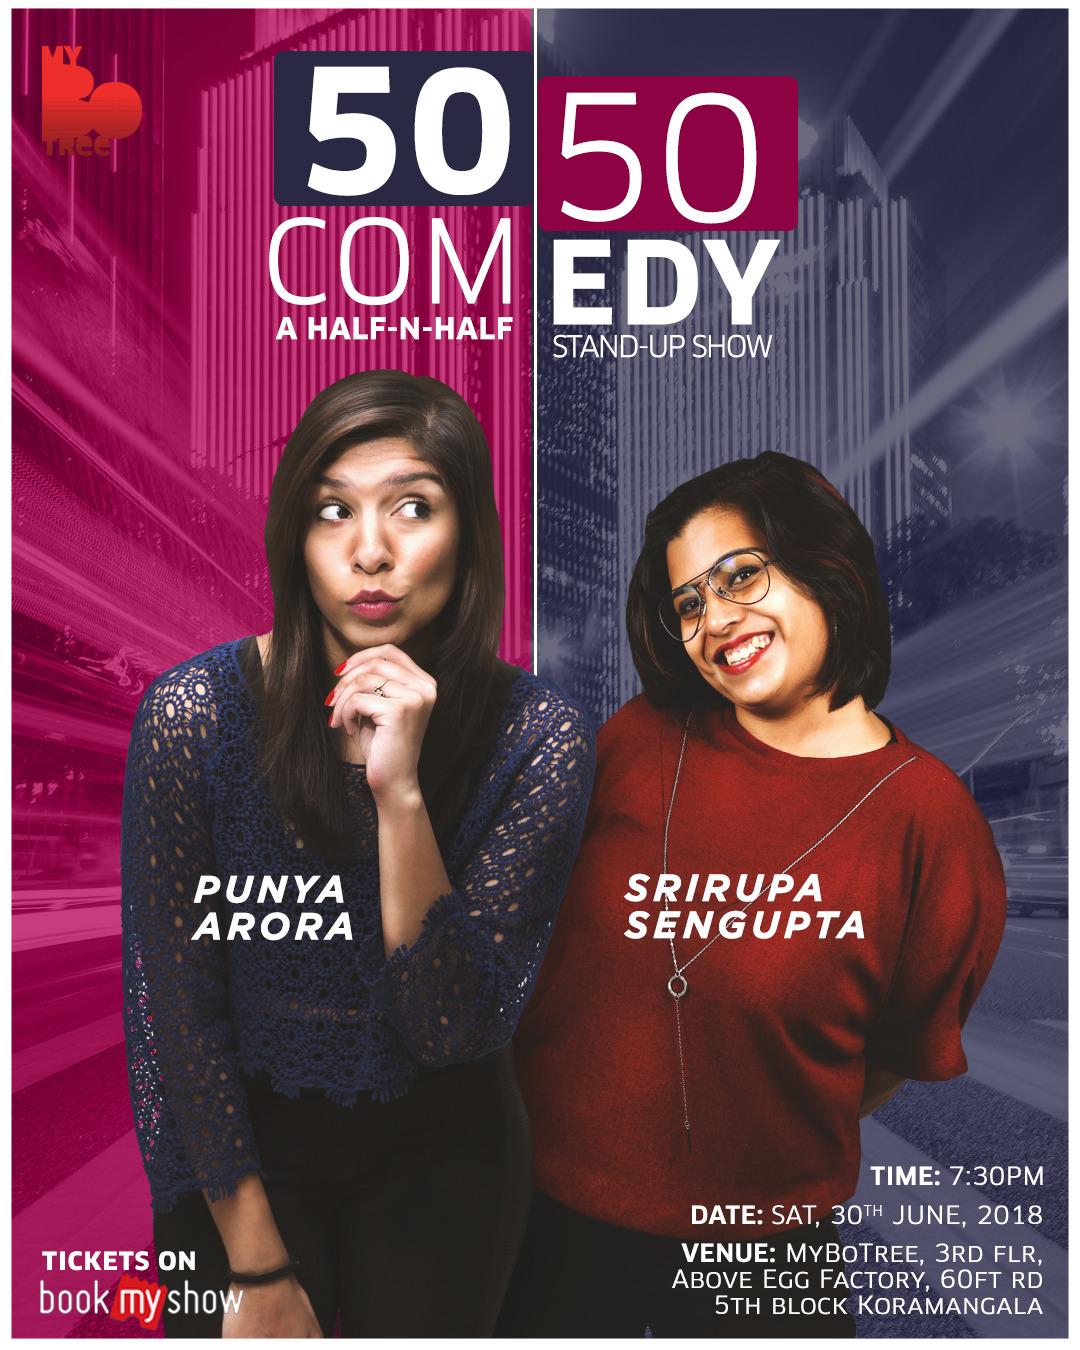 50 50 Comedy